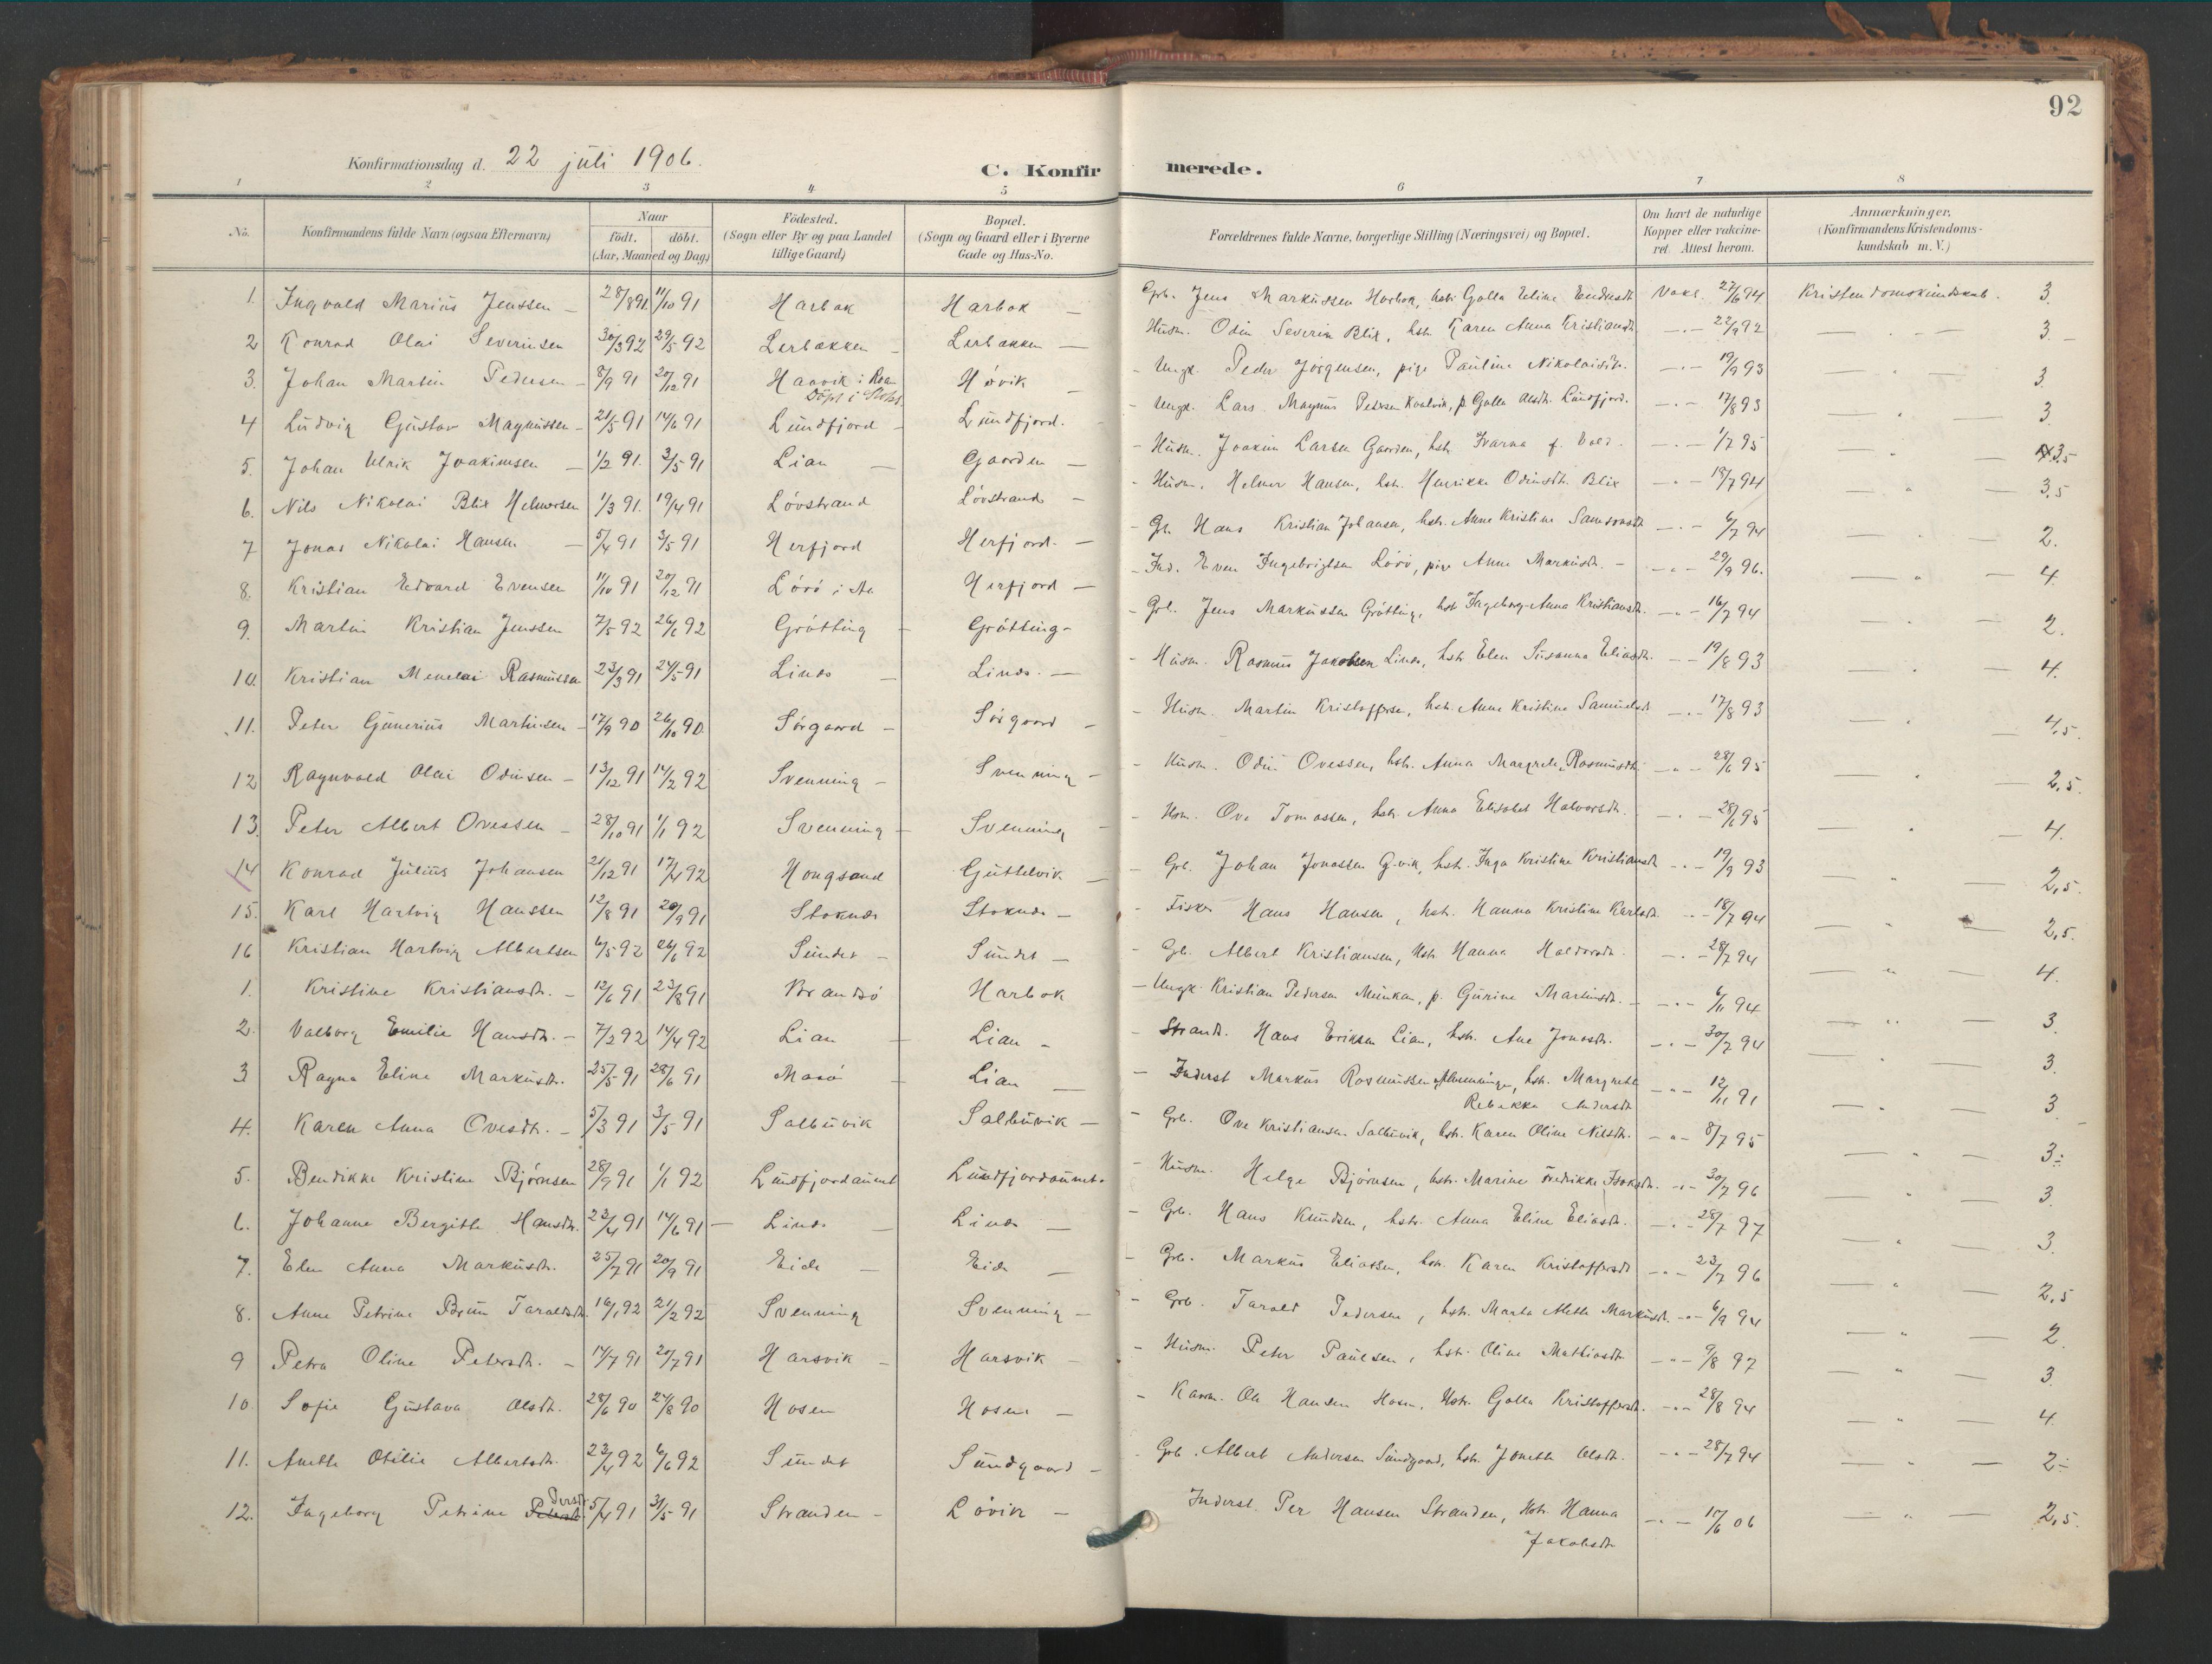 SAT, Ministerialprotokoller, klokkerbøker og fødselsregistre - Sør-Trøndelag, 656/L0693: Ministerialbok nr. 656A02, 1894-1913, s. 92